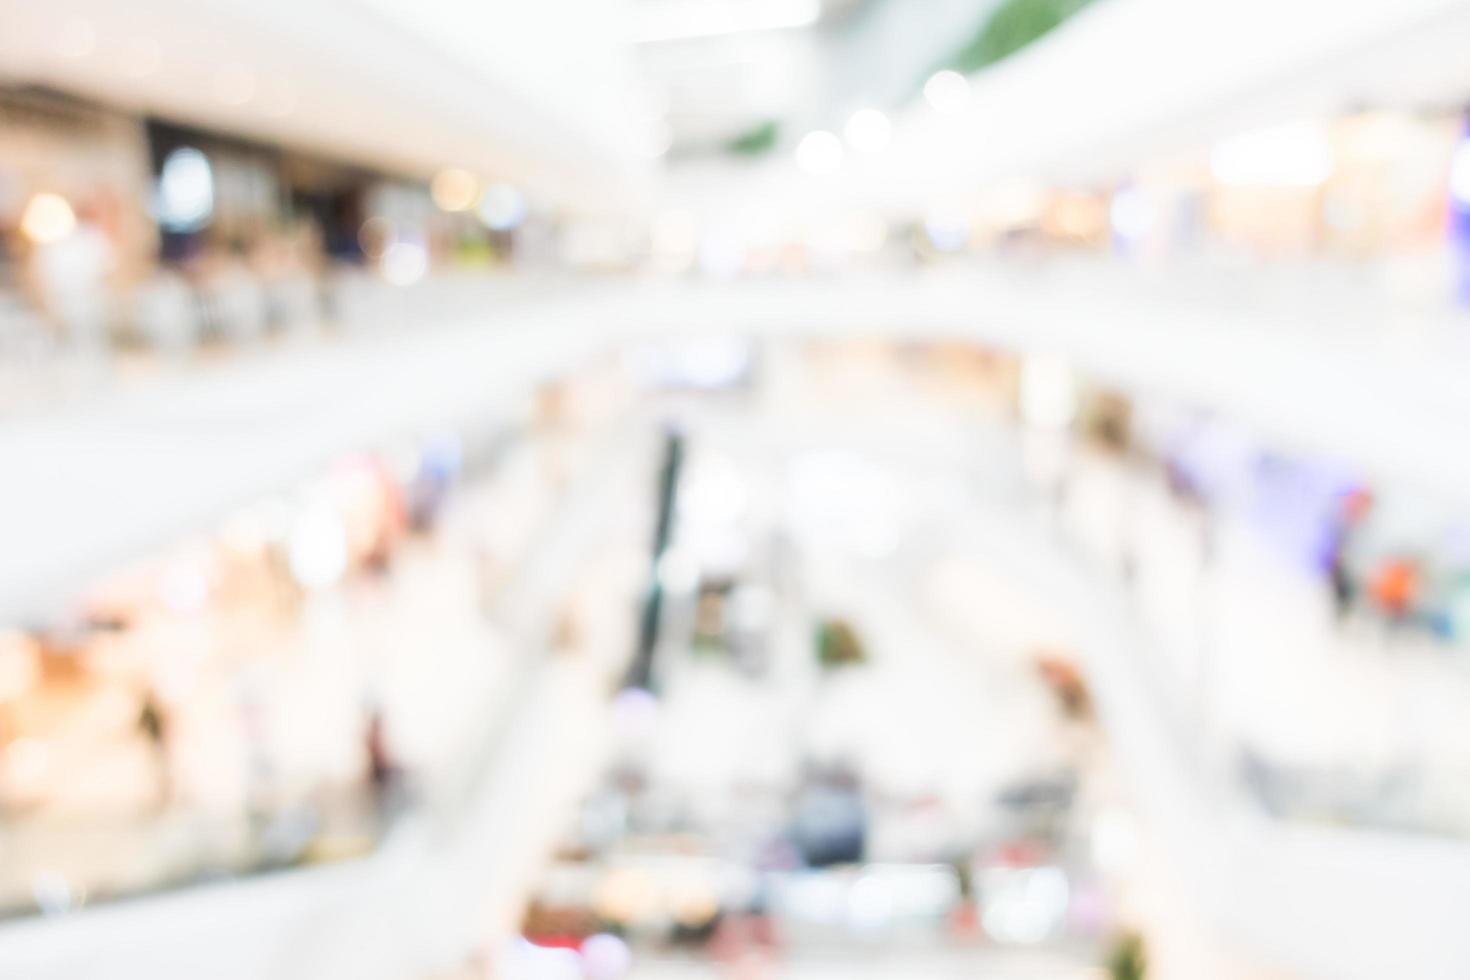 abstrakt verschwommenes Einkaufszentrum Interieur foto